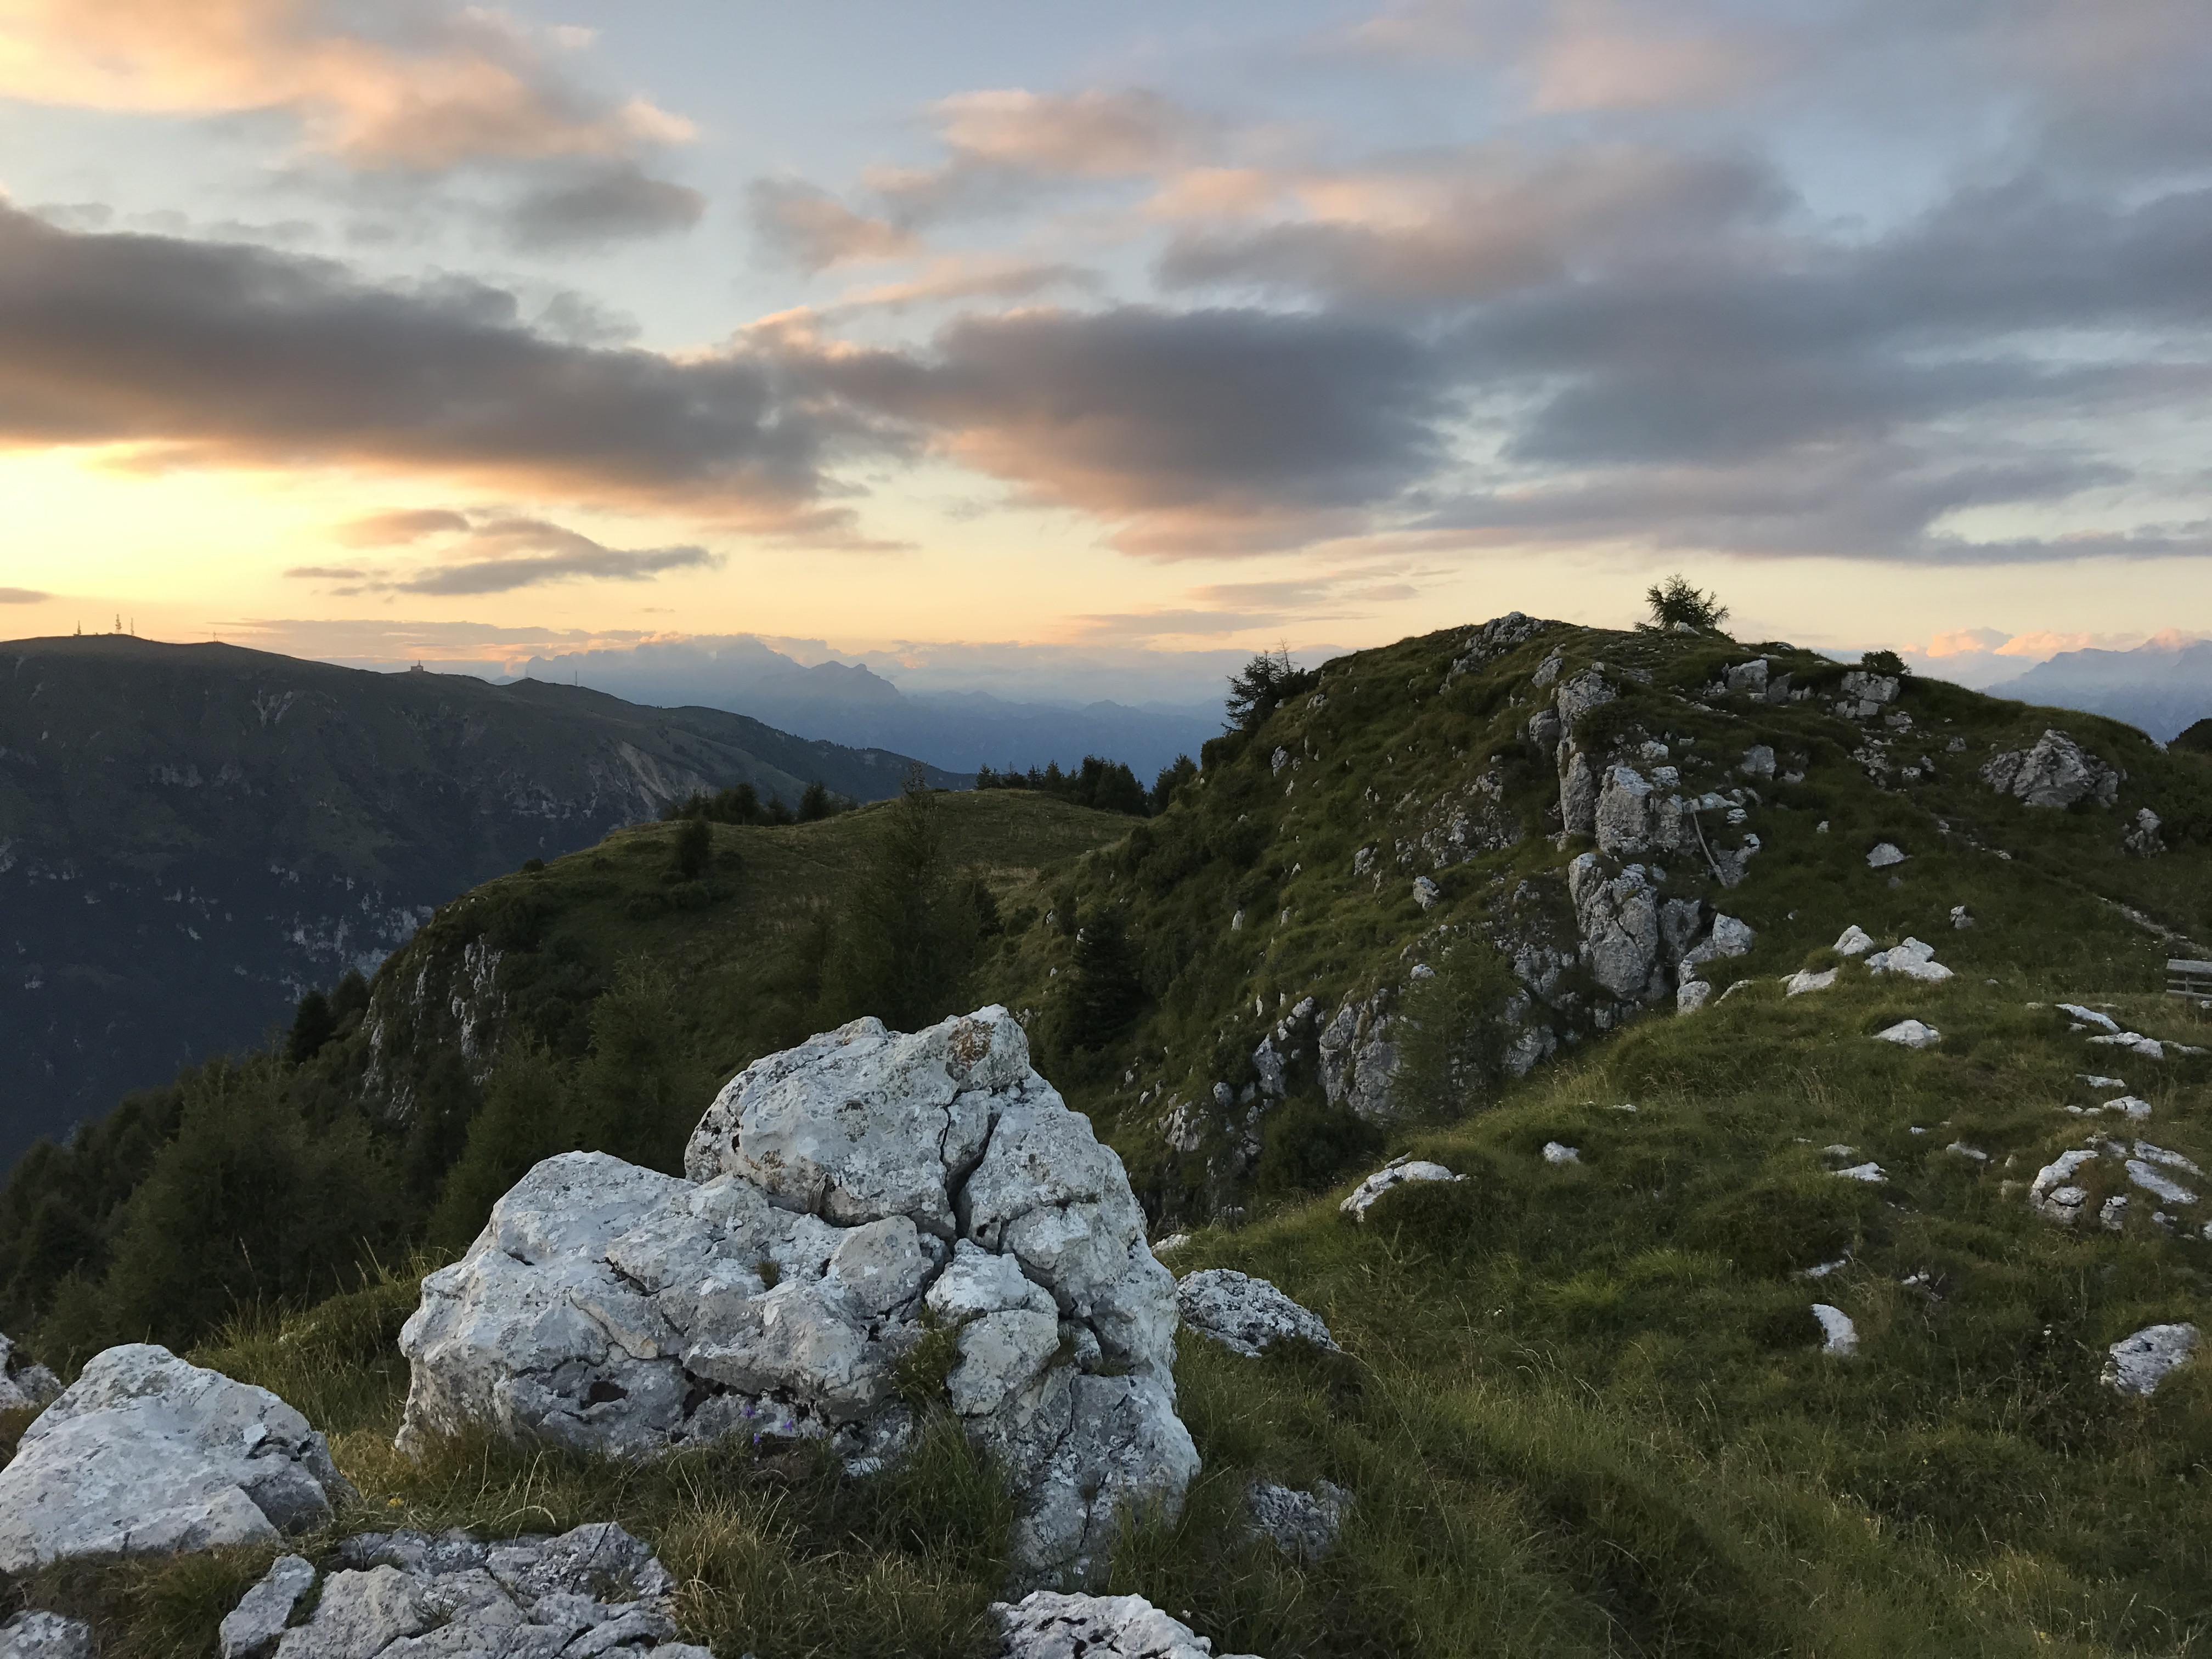 hashtag - Monte Pizzoc Treviso vetta di montagna con erba verde e cielo al tramonto